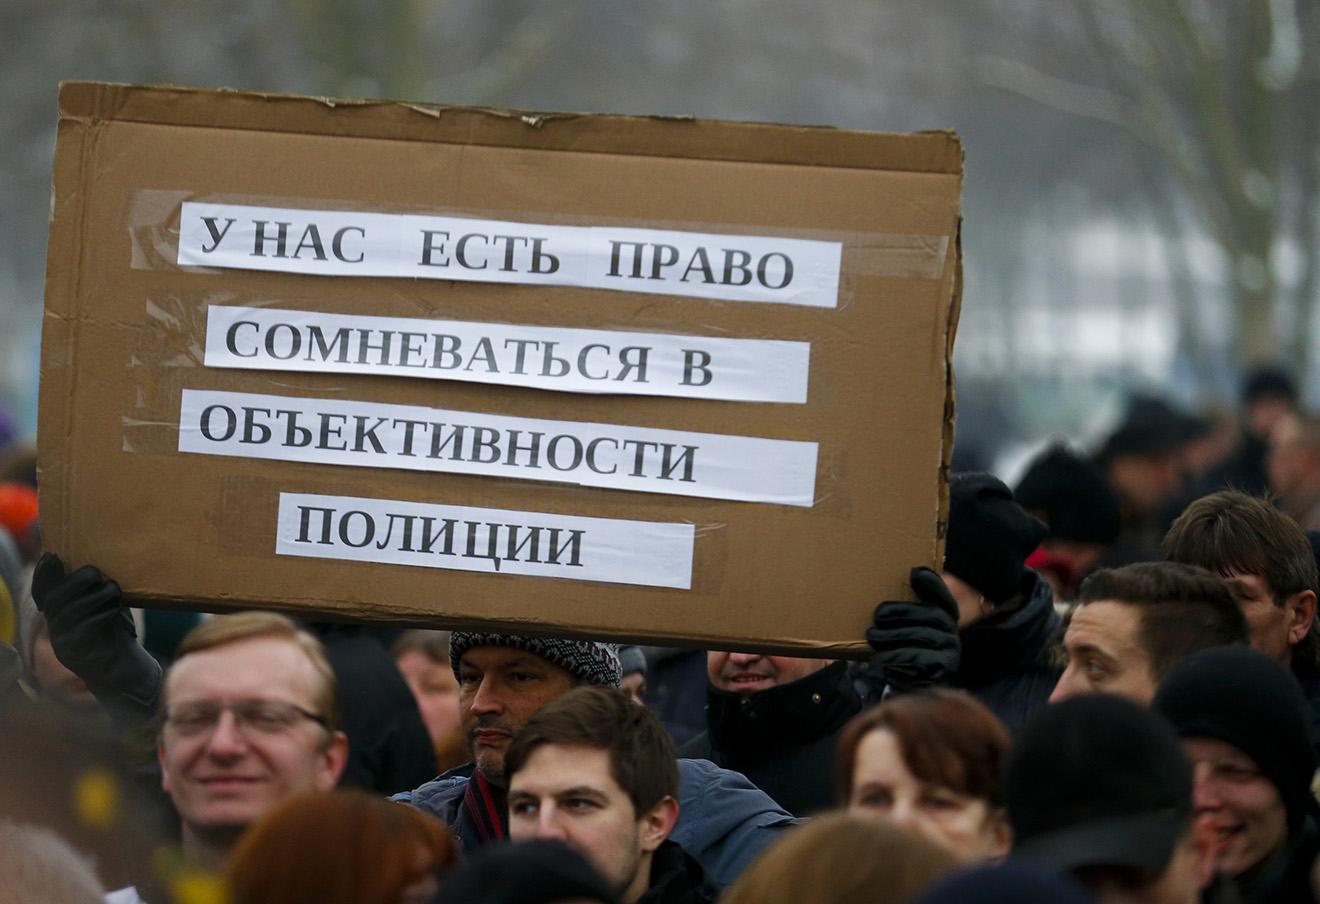 Акция против сексуальных домогательств со стороны мигрантов в Берлине, январь 2016 года.Фото: Hannibal Hanschke / Reuters